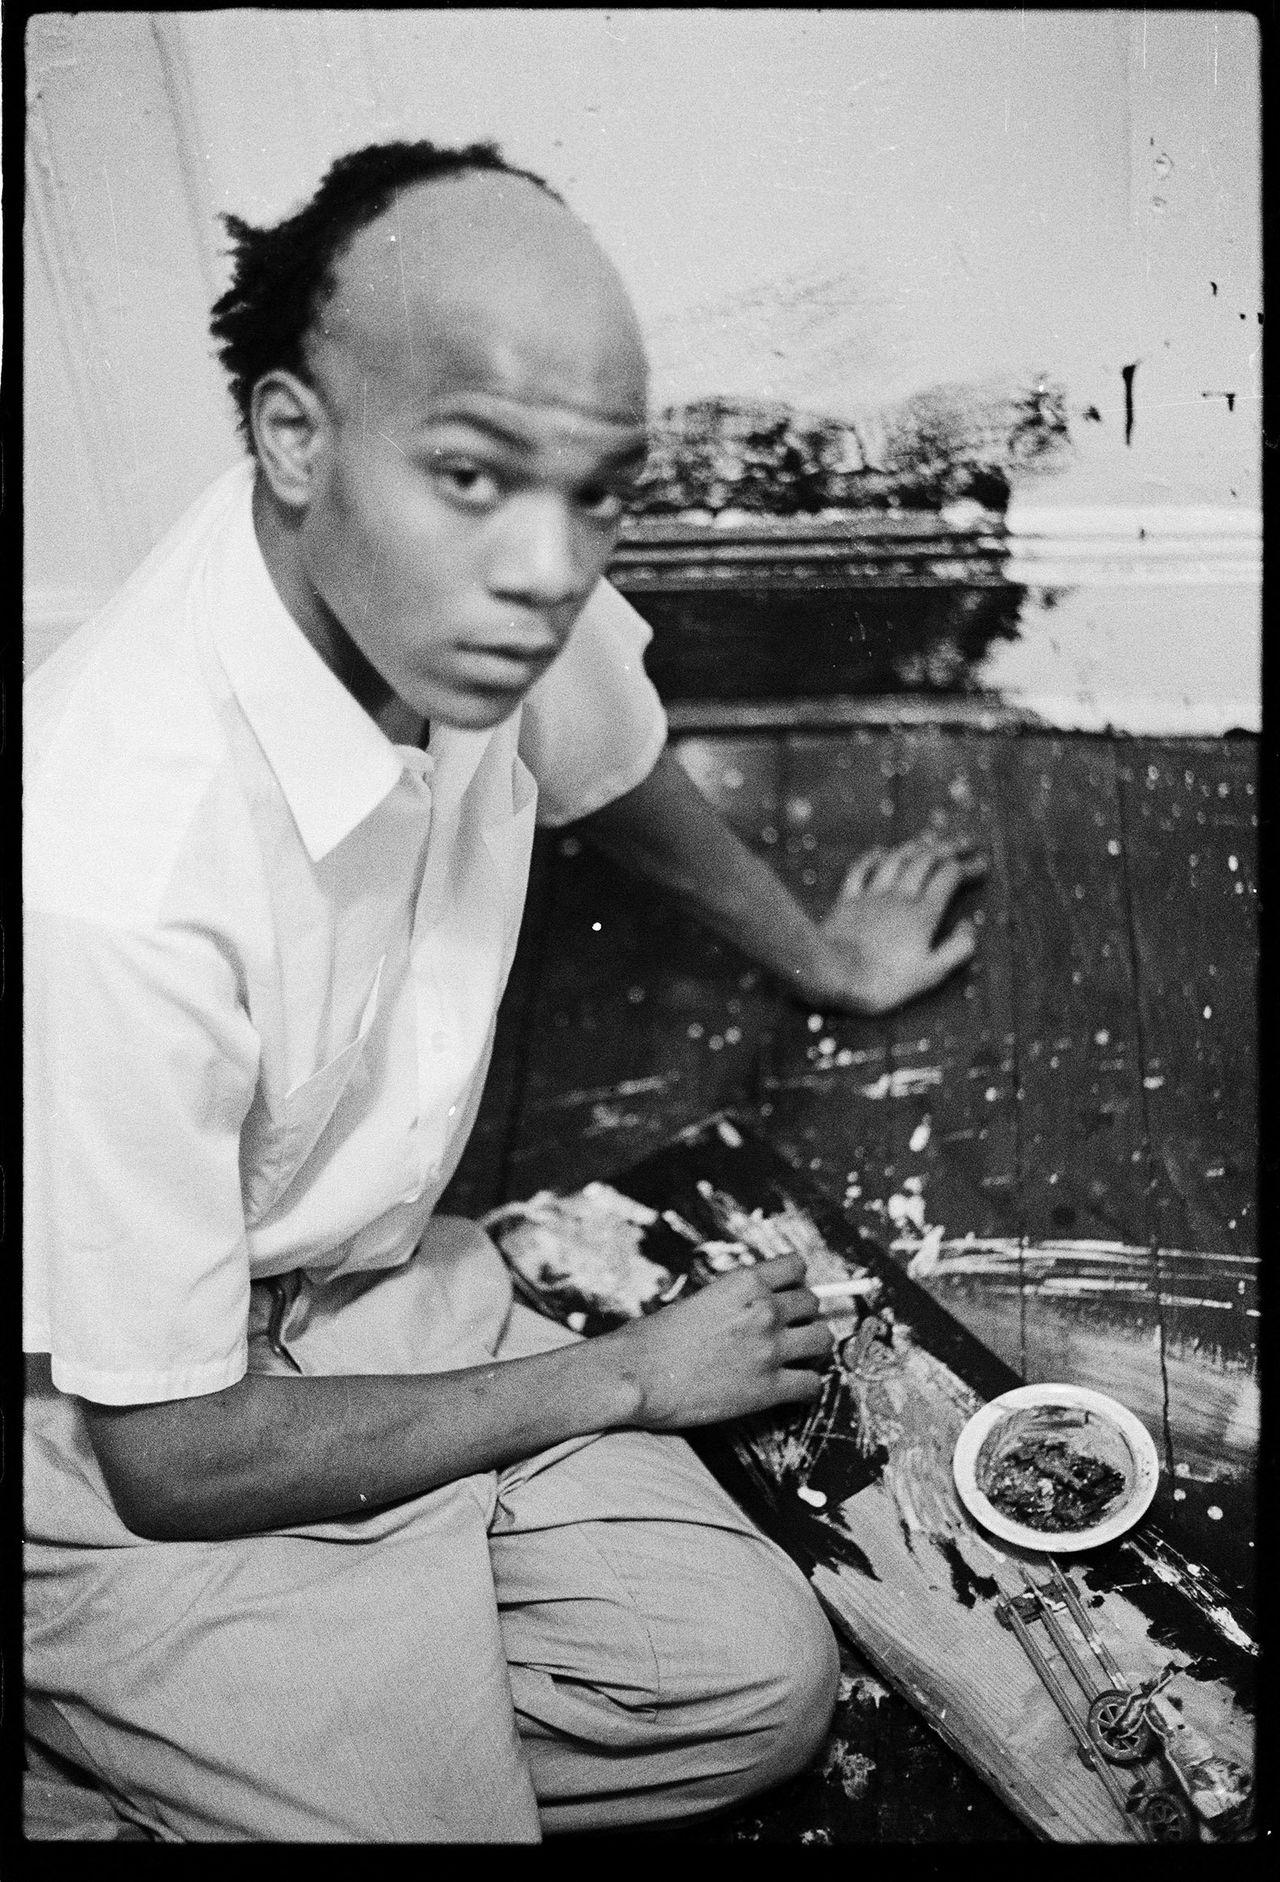 Basquiat in the apartment, 1980.